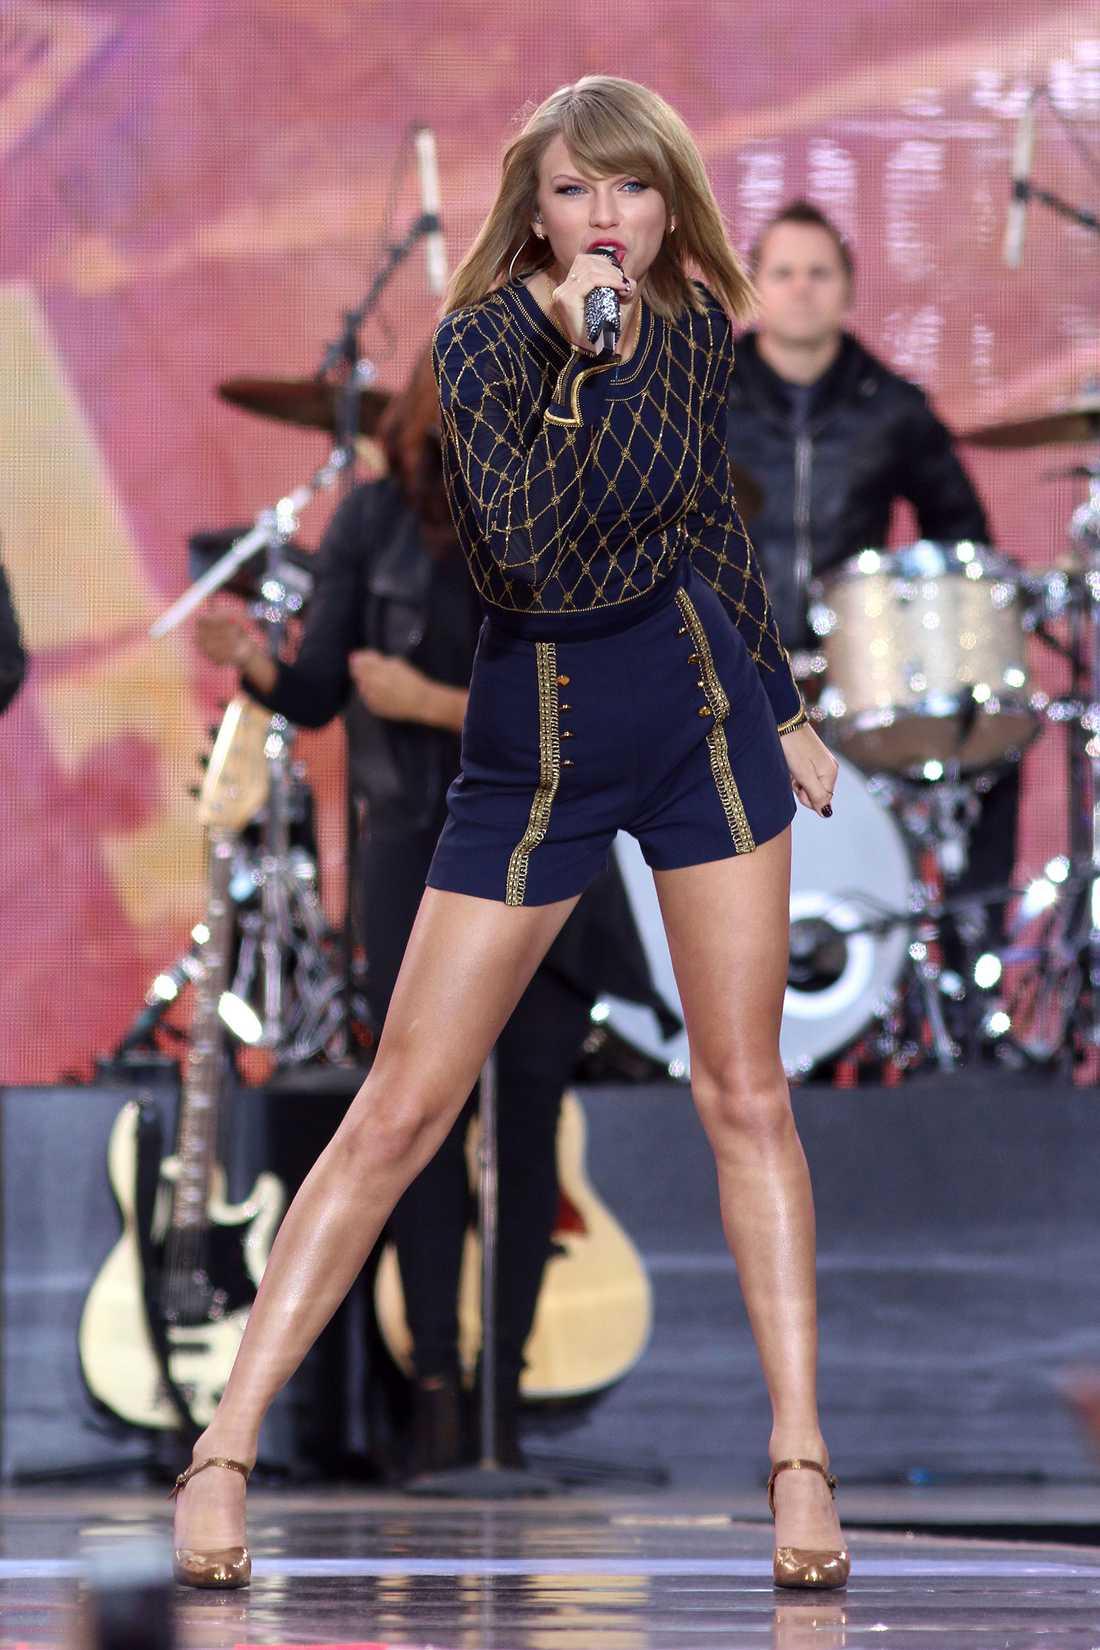 Taylor Swifts skivbolag påstår nu att Swift tjänat drygt 3,8 miljoner kronor på Spotify de senaste 12 månaderna, efter att Spotify gått ut med att en artist i hennes storlek kunde räkna med att få in över 47 miljoner kronor i år.